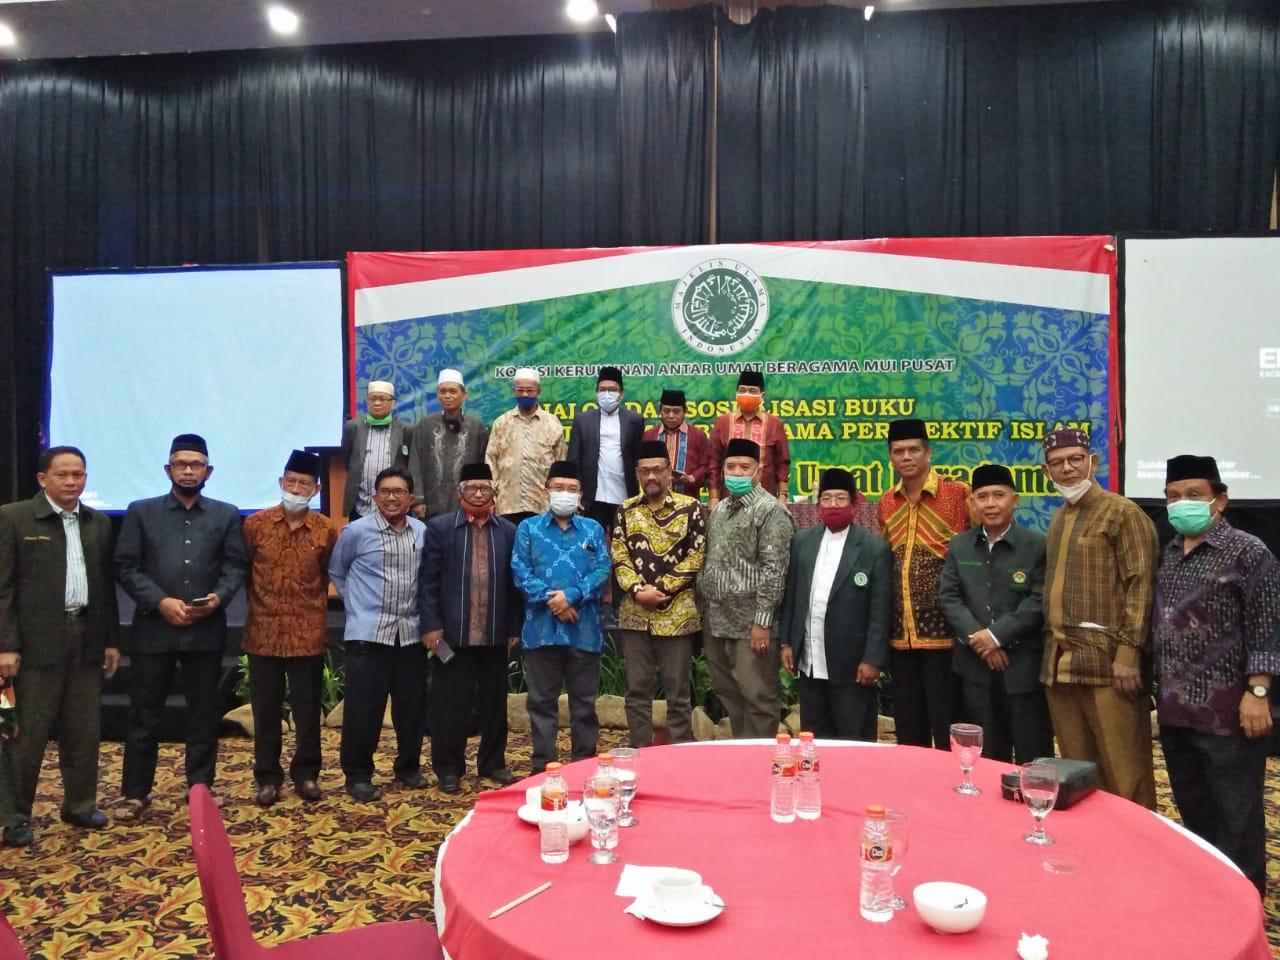 Kerukunan Antar Umat Beragama Perspektif Islam